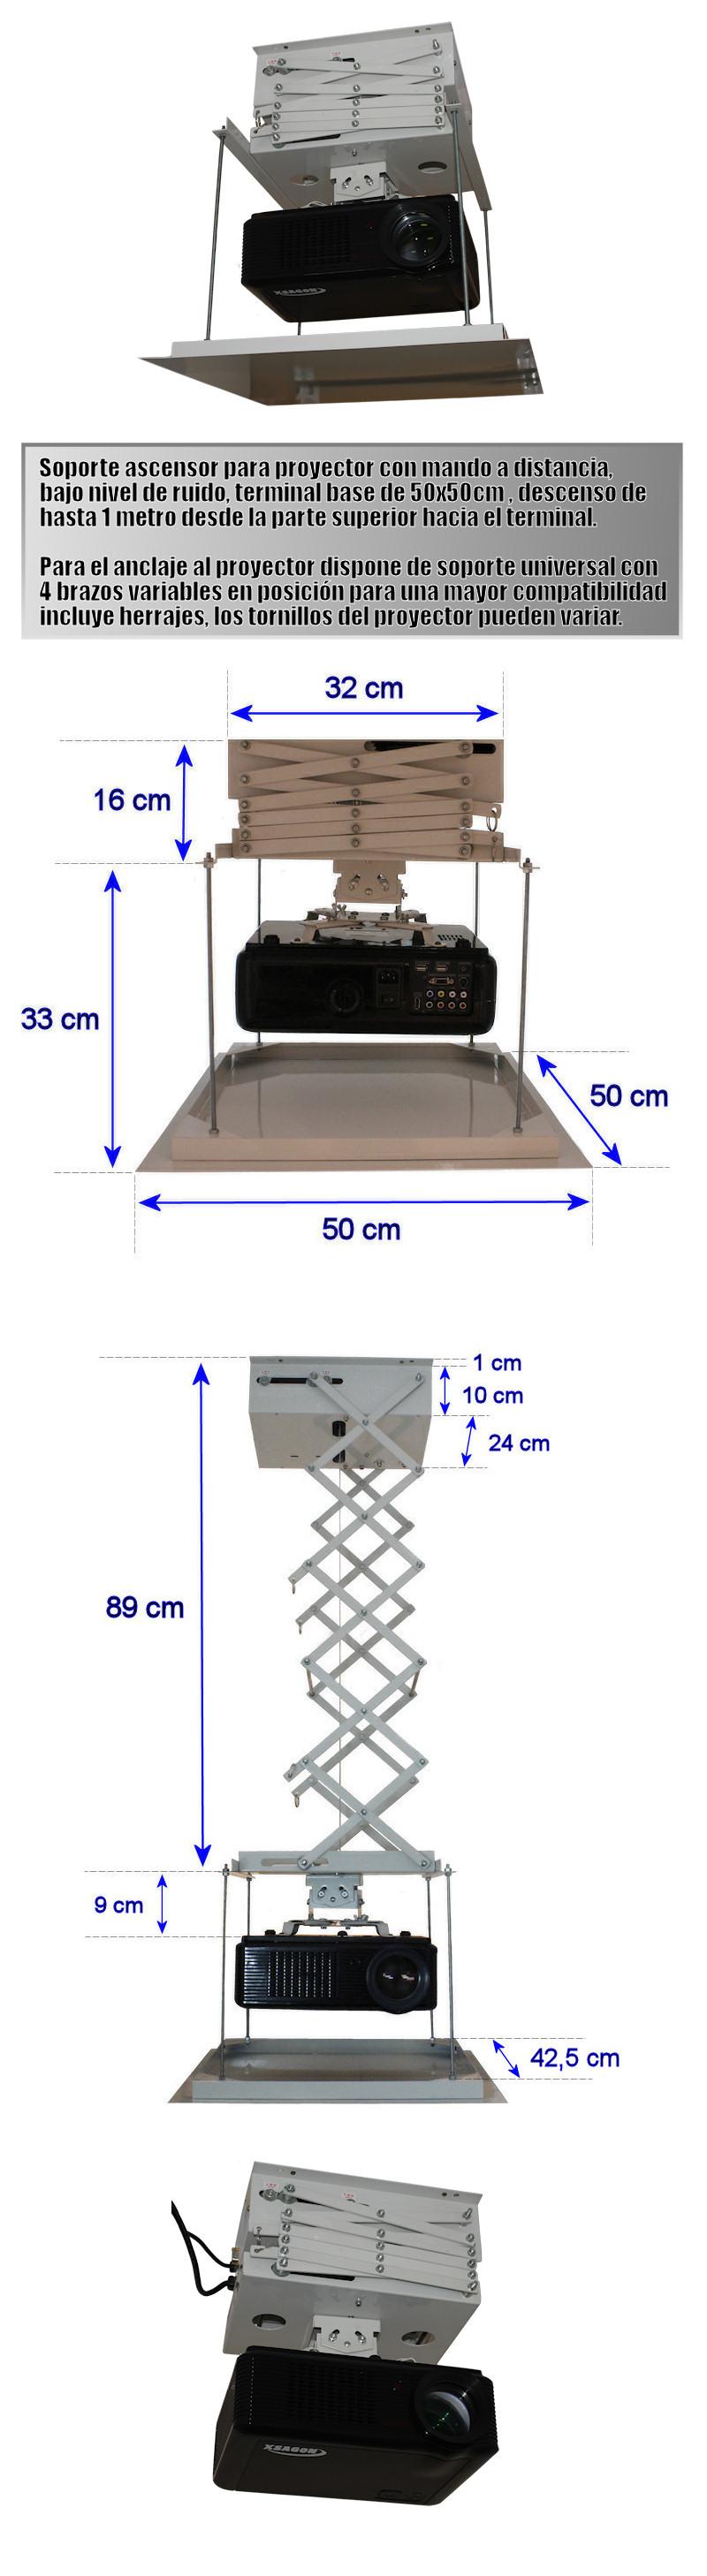 soporte de ascensor para proyector